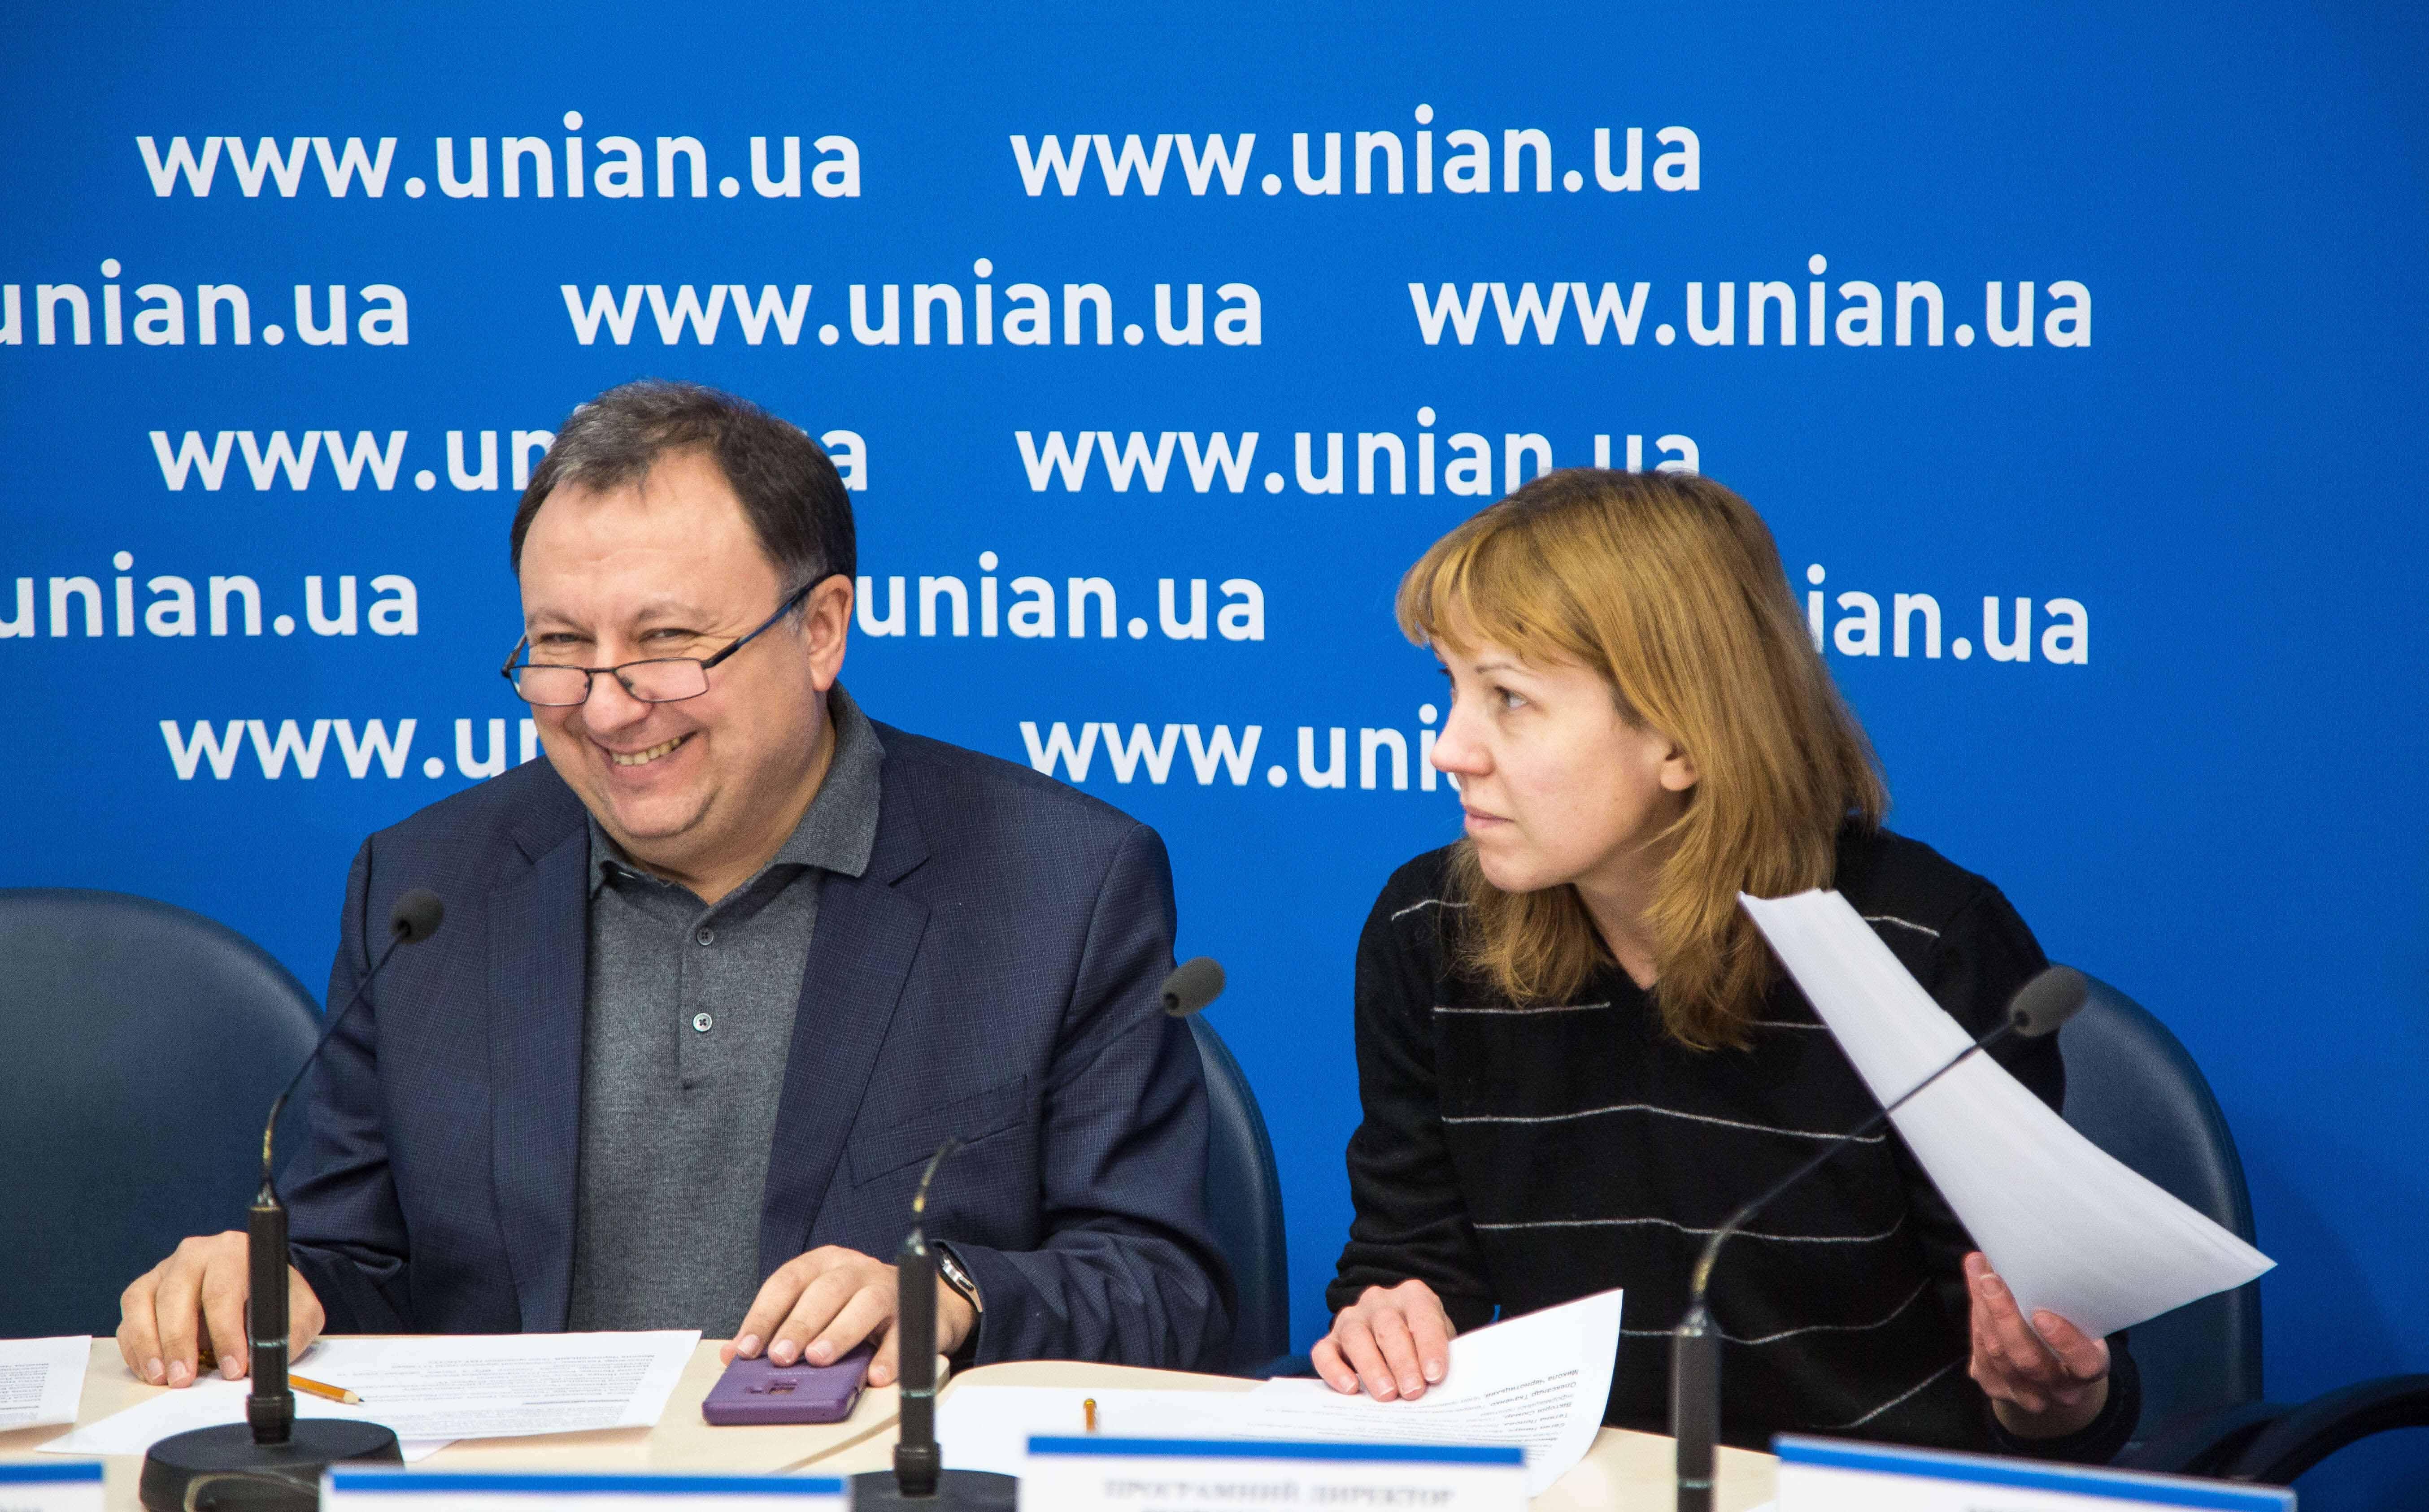 Комитет культуры и духовности предлагает поднять телеквоту на украинский язык до 90%